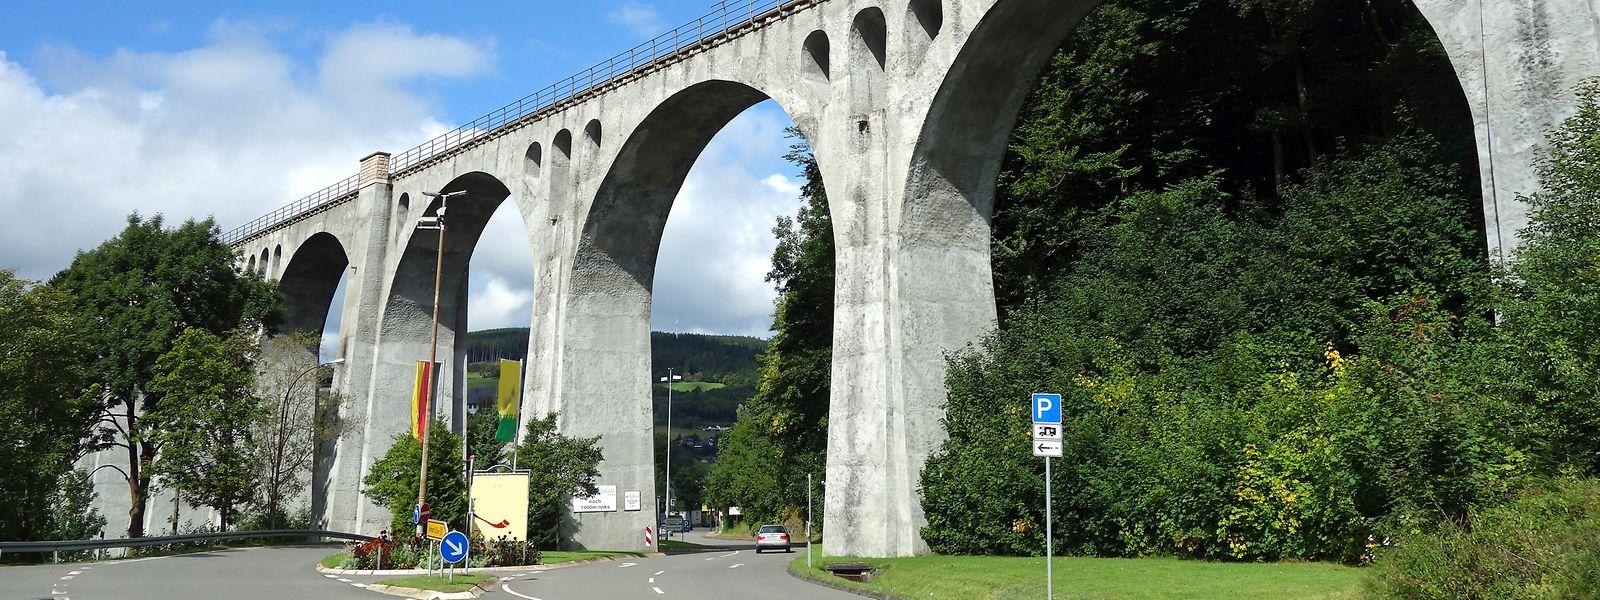 Der Bahnviadukt von Willingen wurde 1917 erbaut und prägt auch weiterhin die Landschaft.